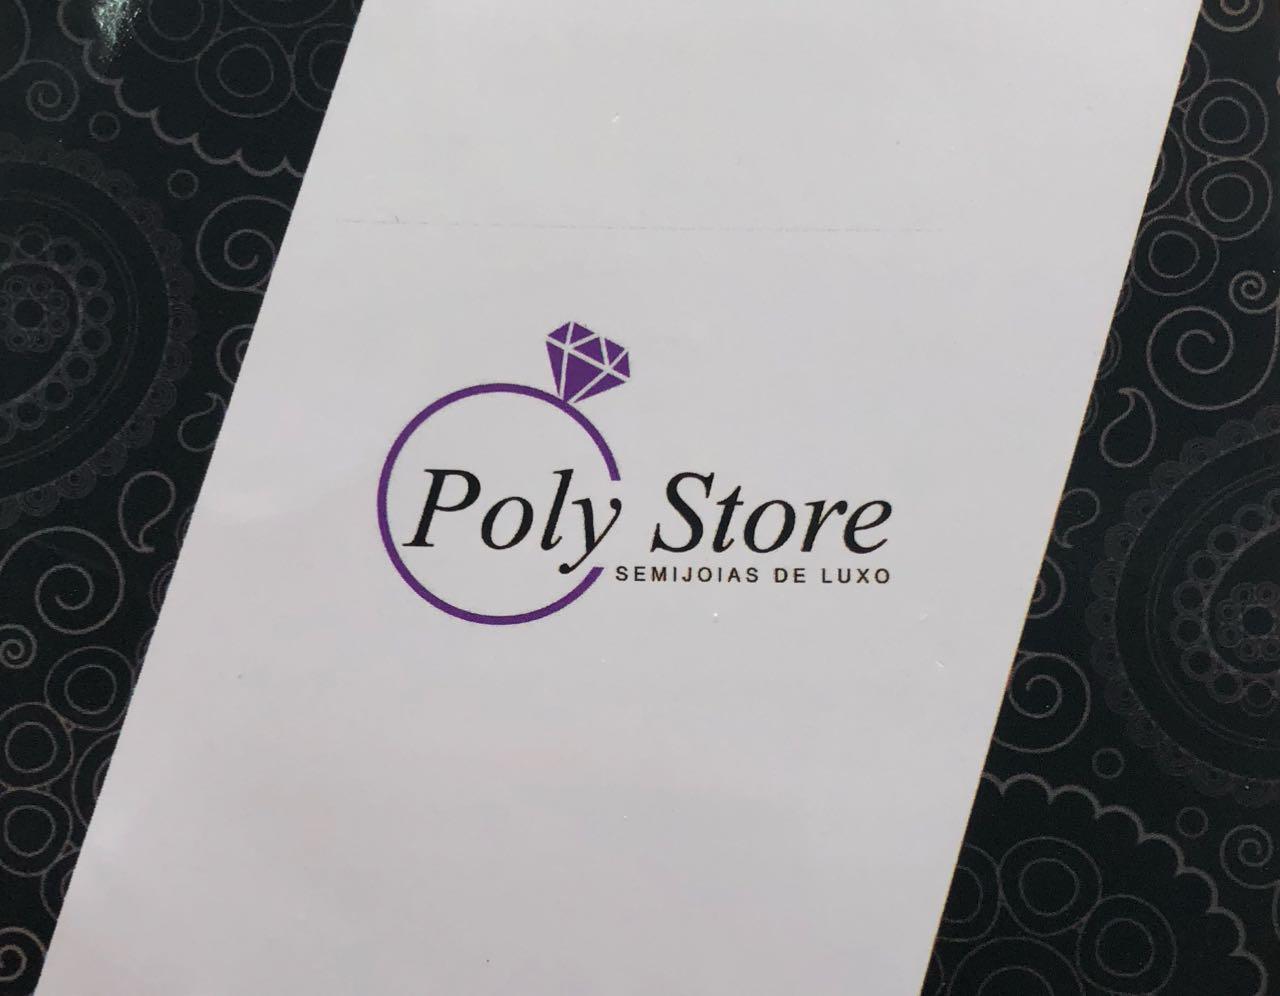 Poly Store - Semijoias de luxo